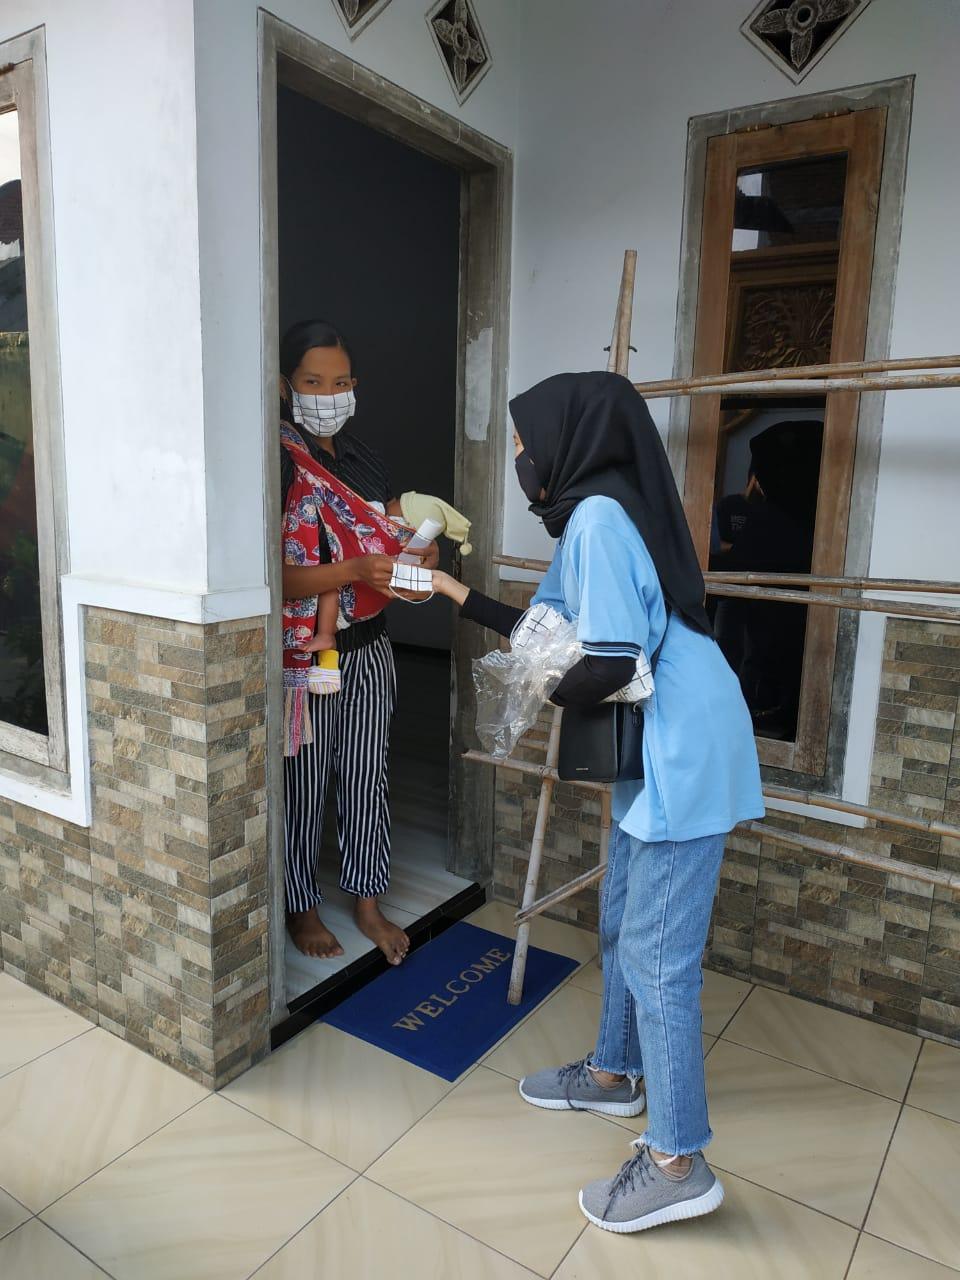 Pembagian masker & hand sanitizer kepada warga Dusun Gentong, Desa Tirtomoyo (dok. pribadi)